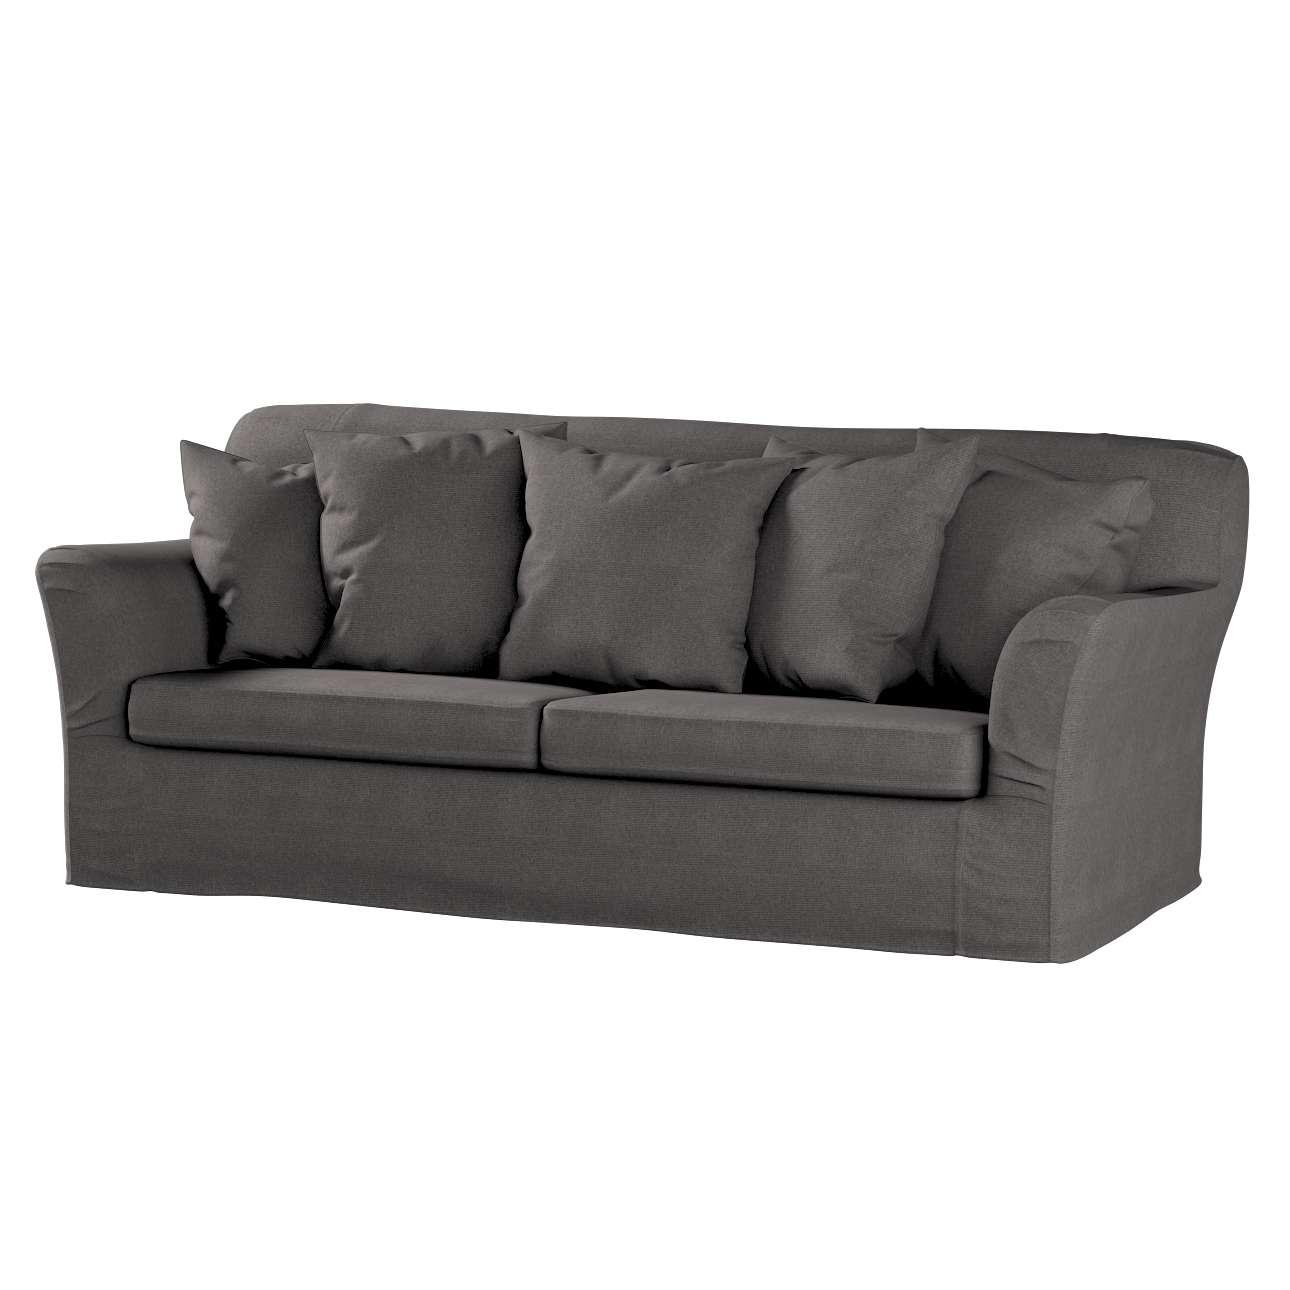 TOMELILLA trivietės sofos lovos užvalkalas TOMELILLA trivietė sofa lova kolekcijoje Etna , audinys: 705-35